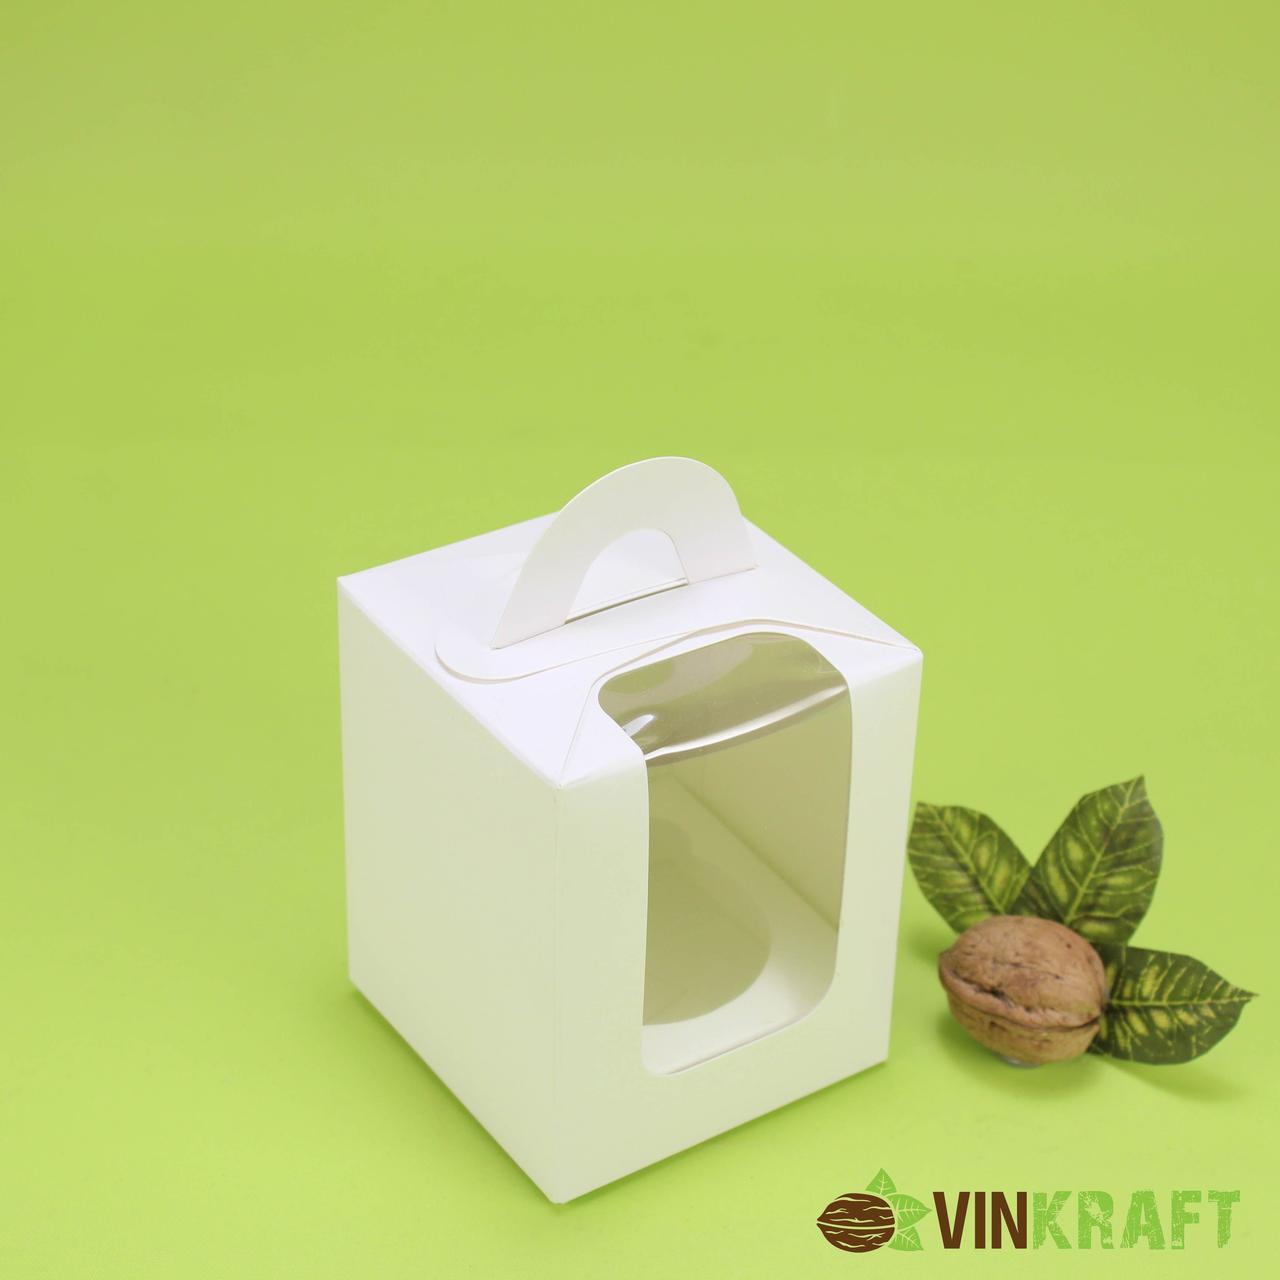 Коробка 82*82*100 для капкейків з вікном (1 шт), біла